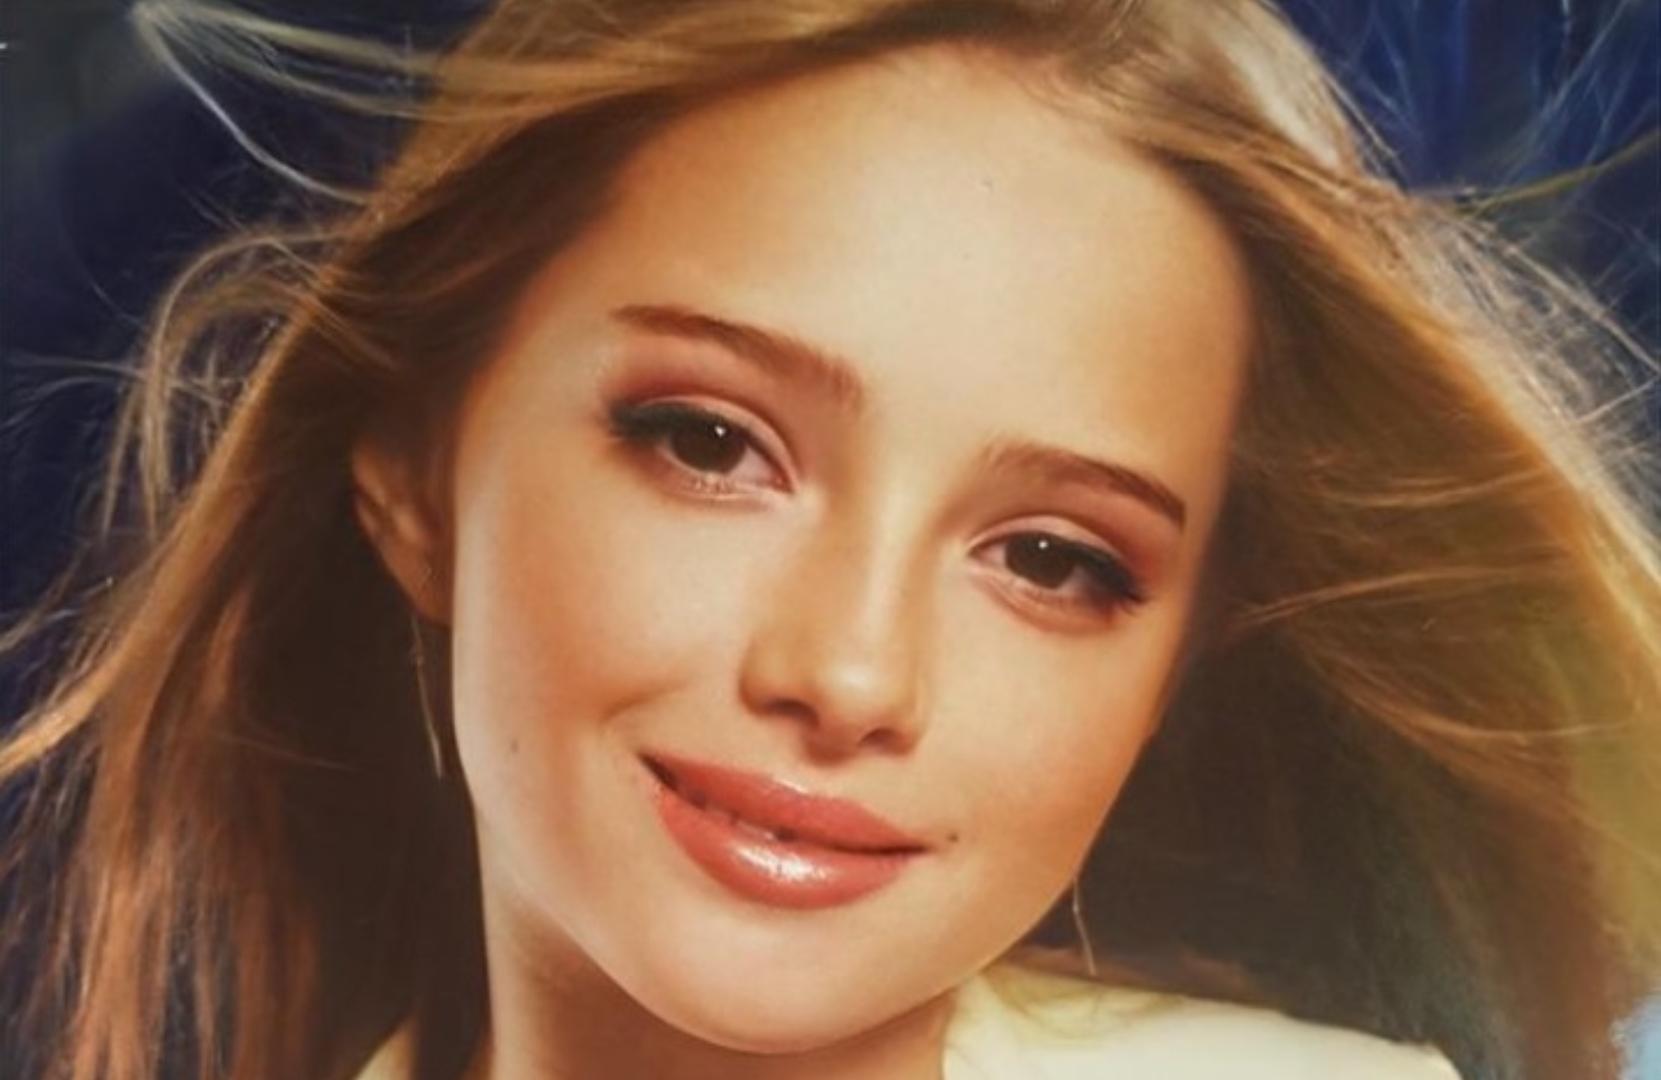 Fetița din imagine, cu machiaj pe chip și atitudine de star este acum o cântăreață celebră în România, dar și peste hotare. O recunoști?